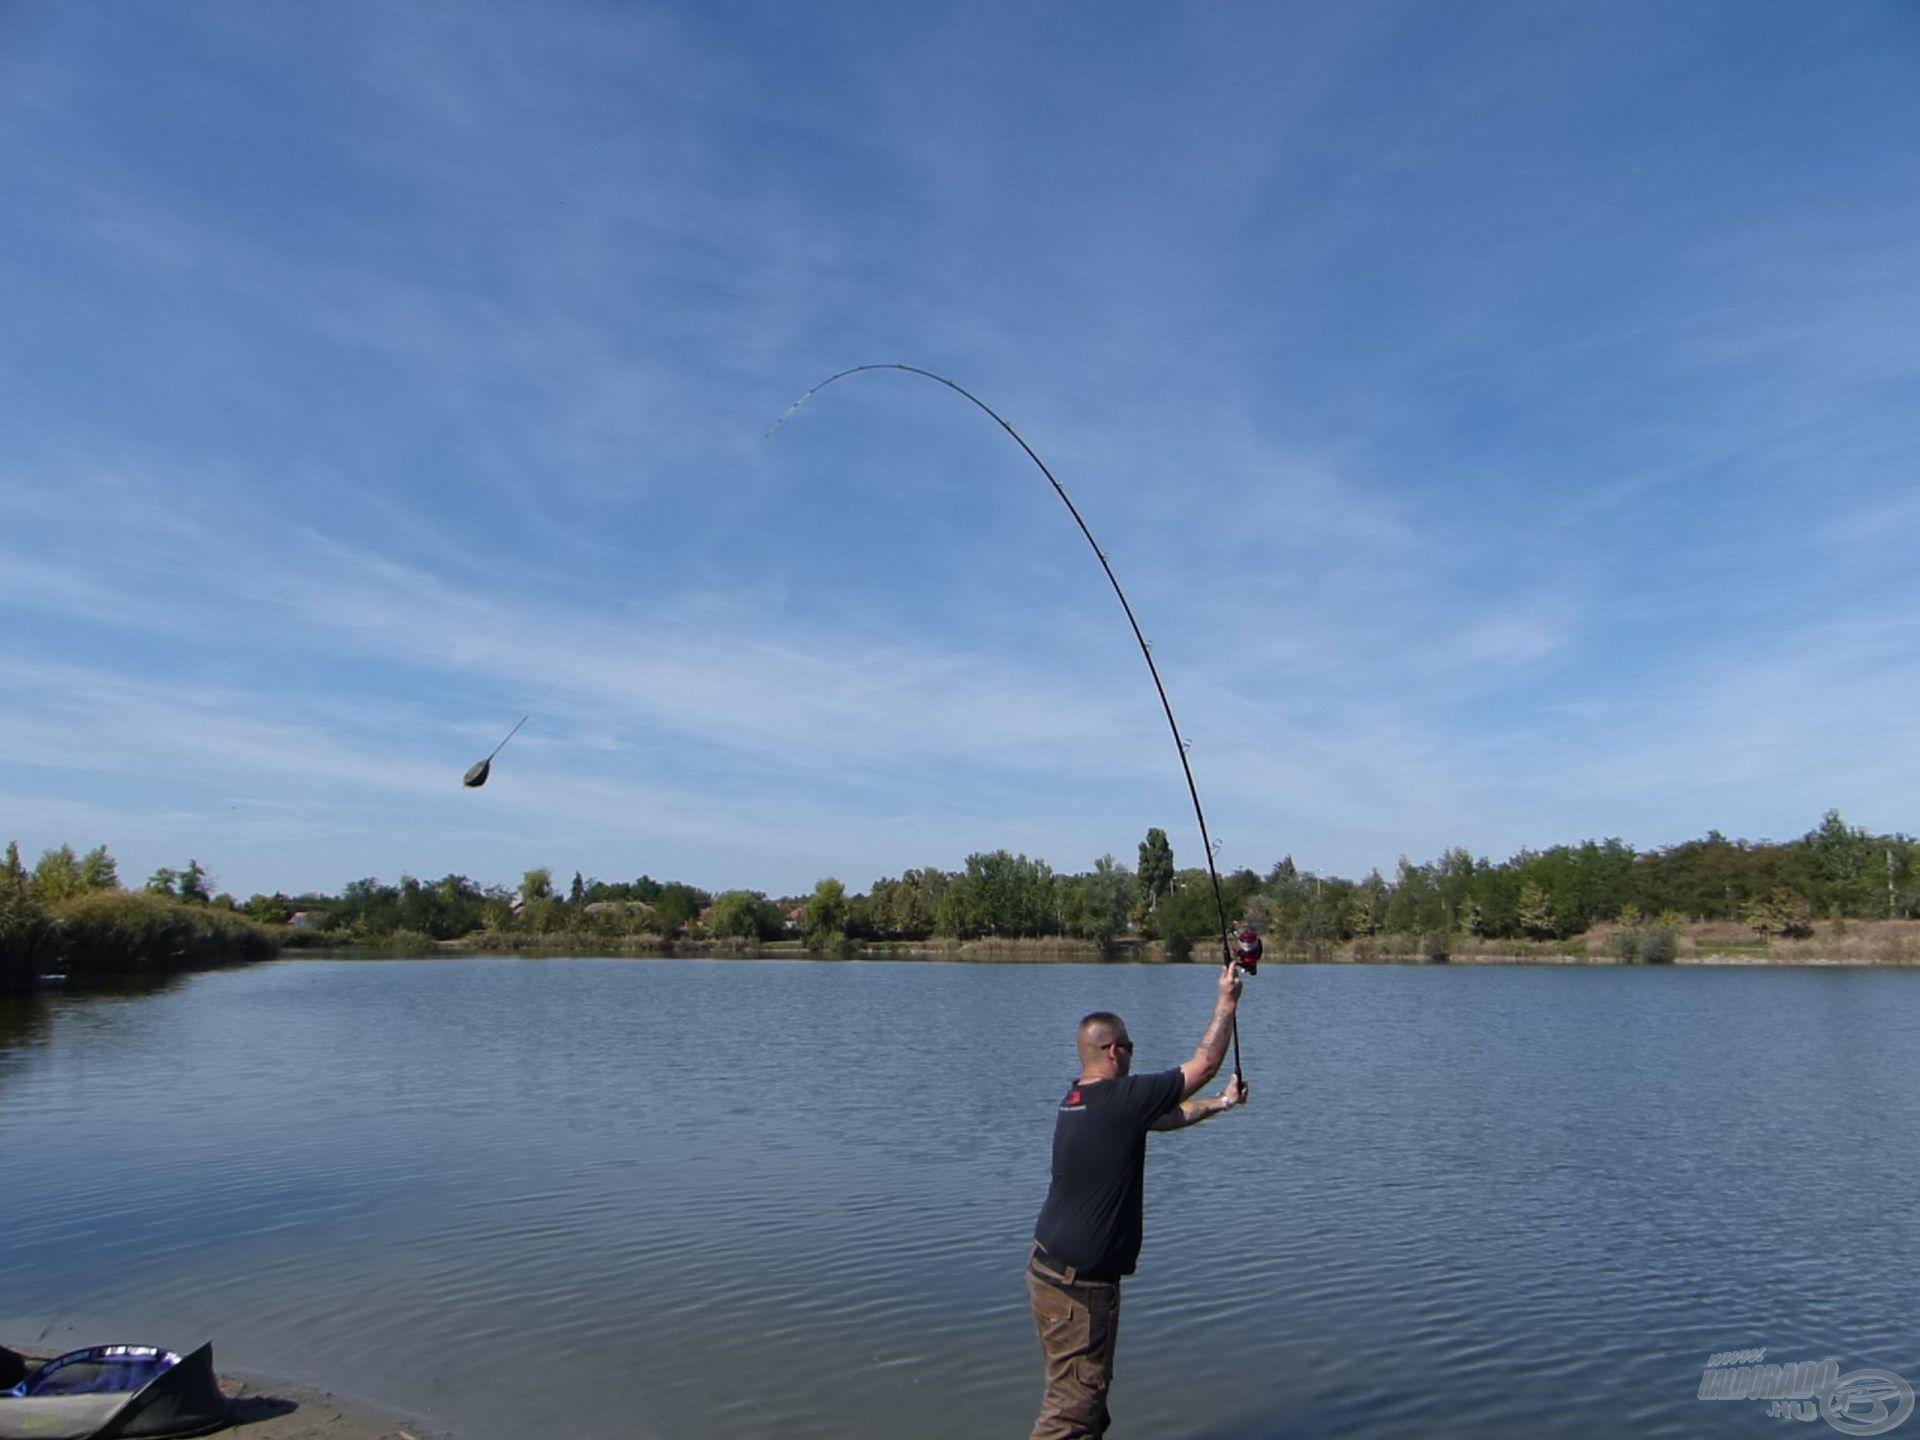 Ezzel a felszereléssel könnyedén elérhető az összes olyan zóna, ami számításba jöhet ezen a helyen horgászva